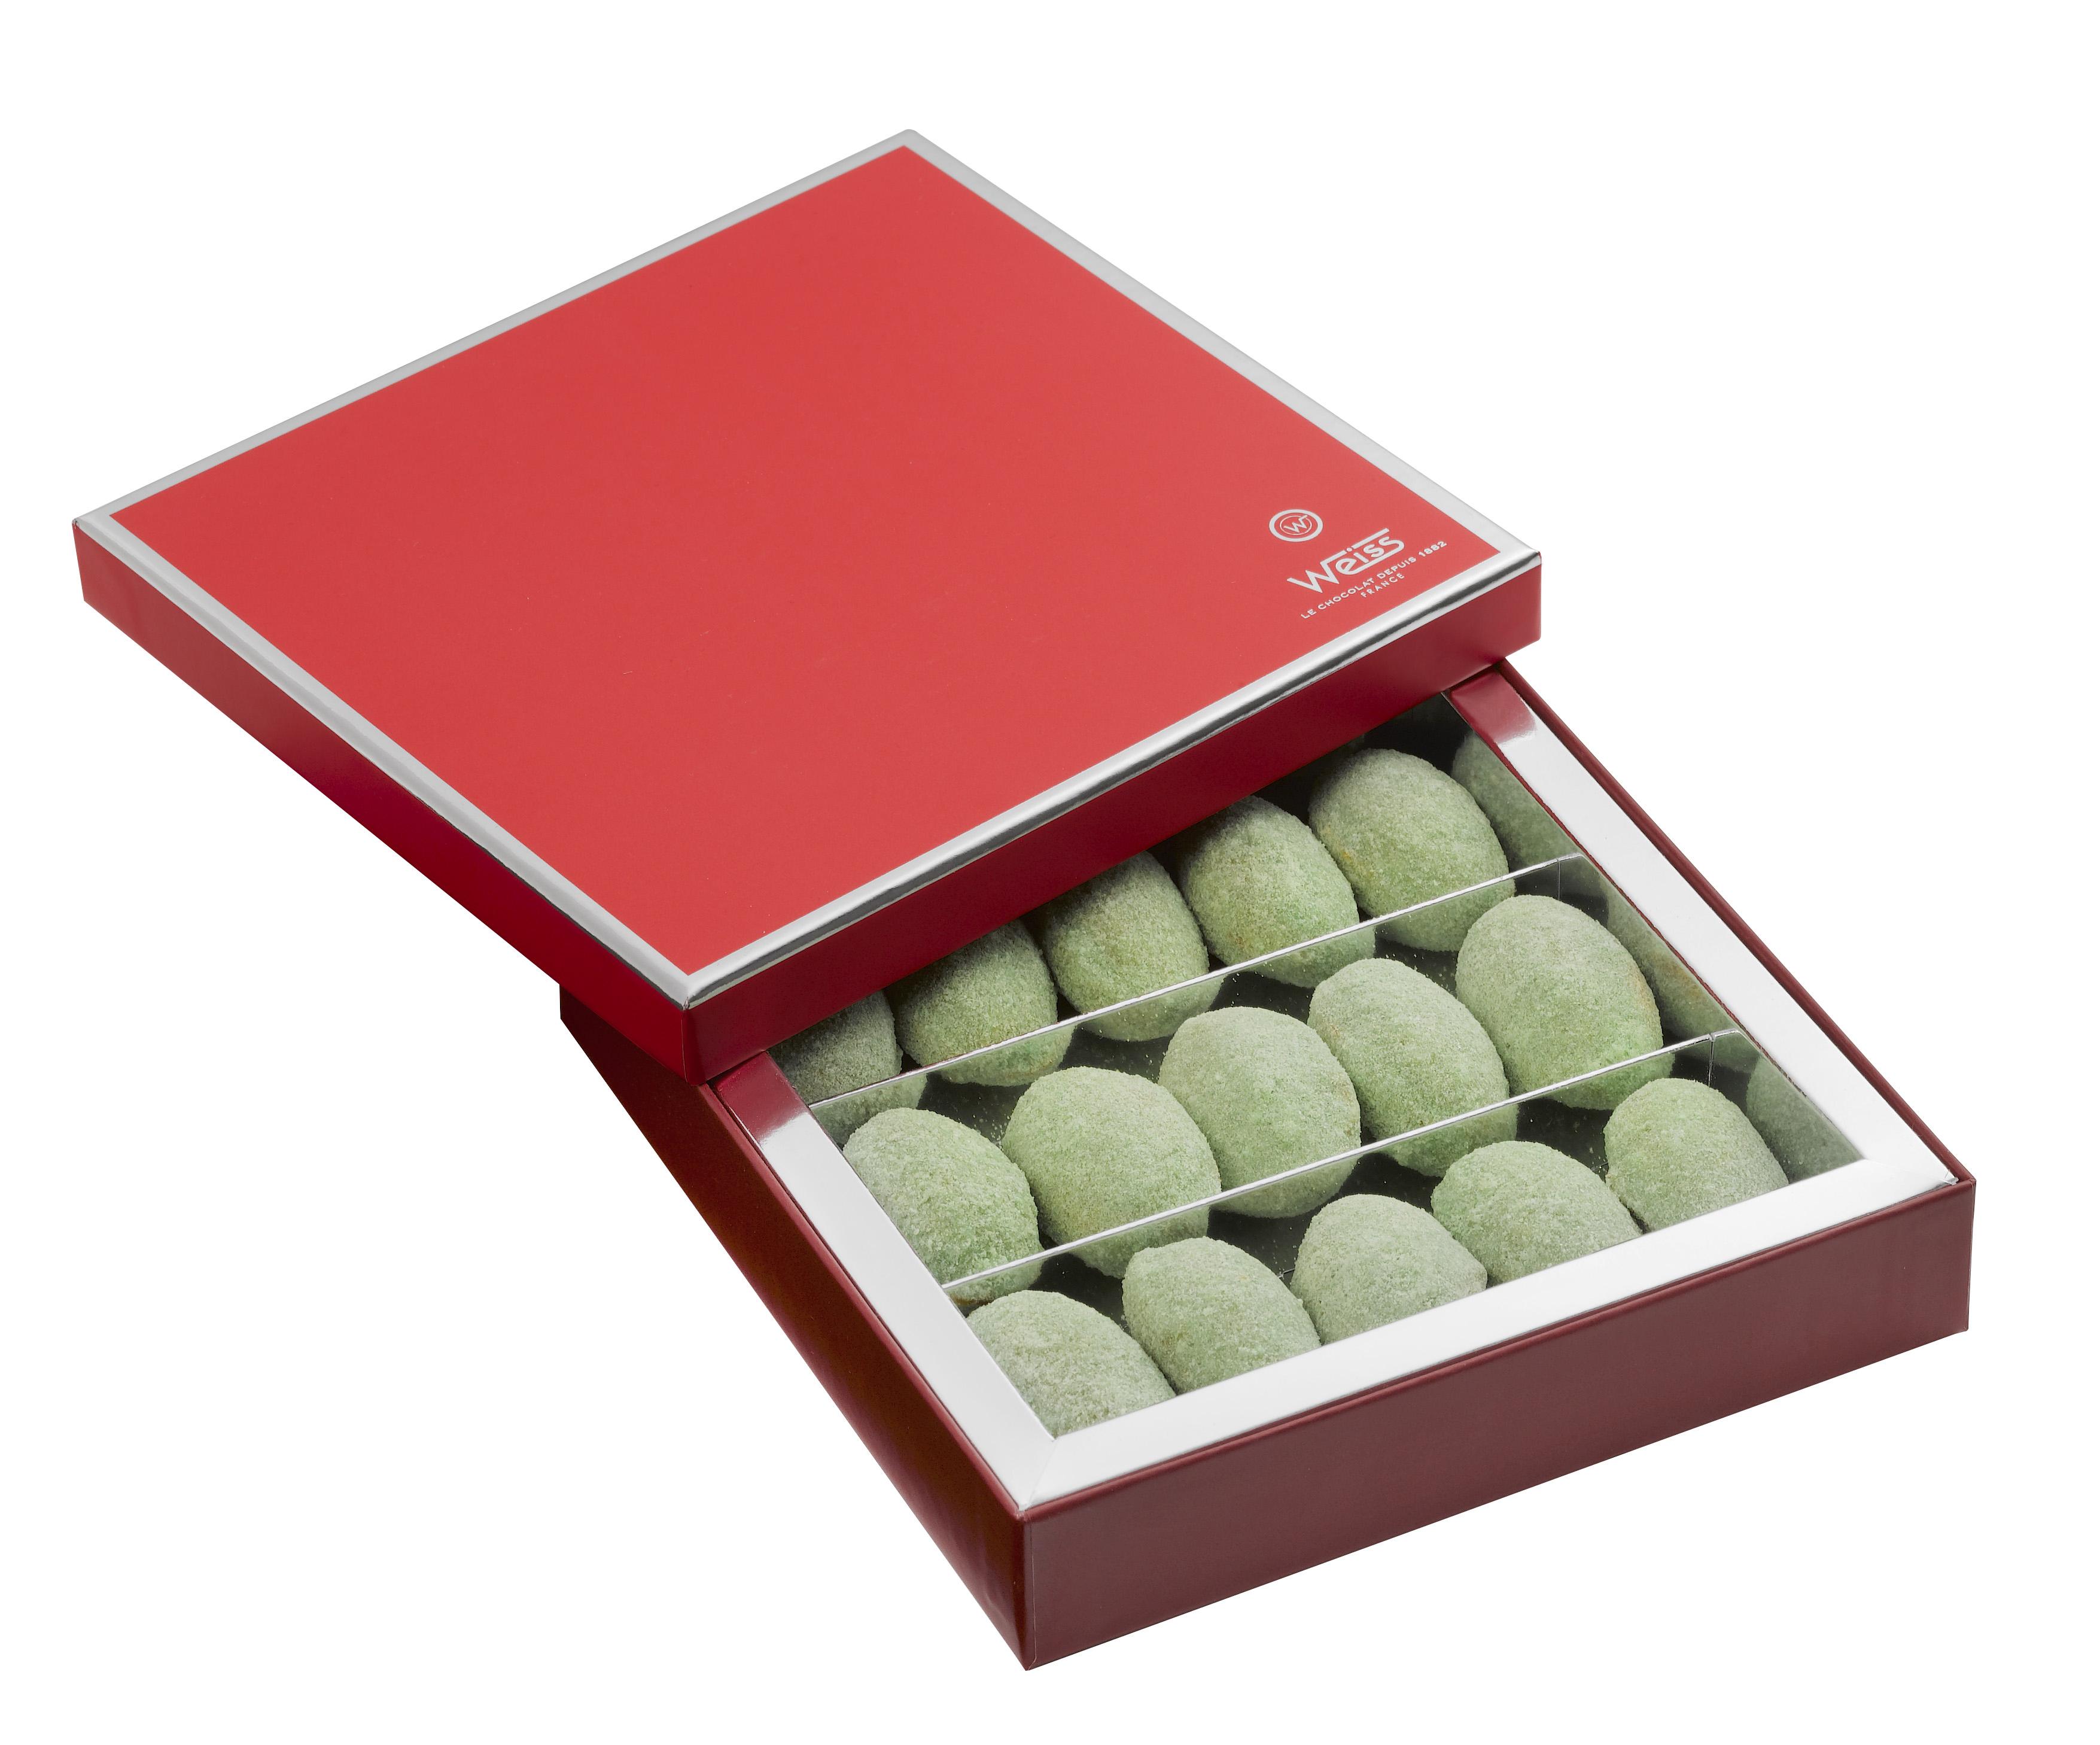 Coffret de Nougamandines, Weiss (x 15 bonbons, 200 g)